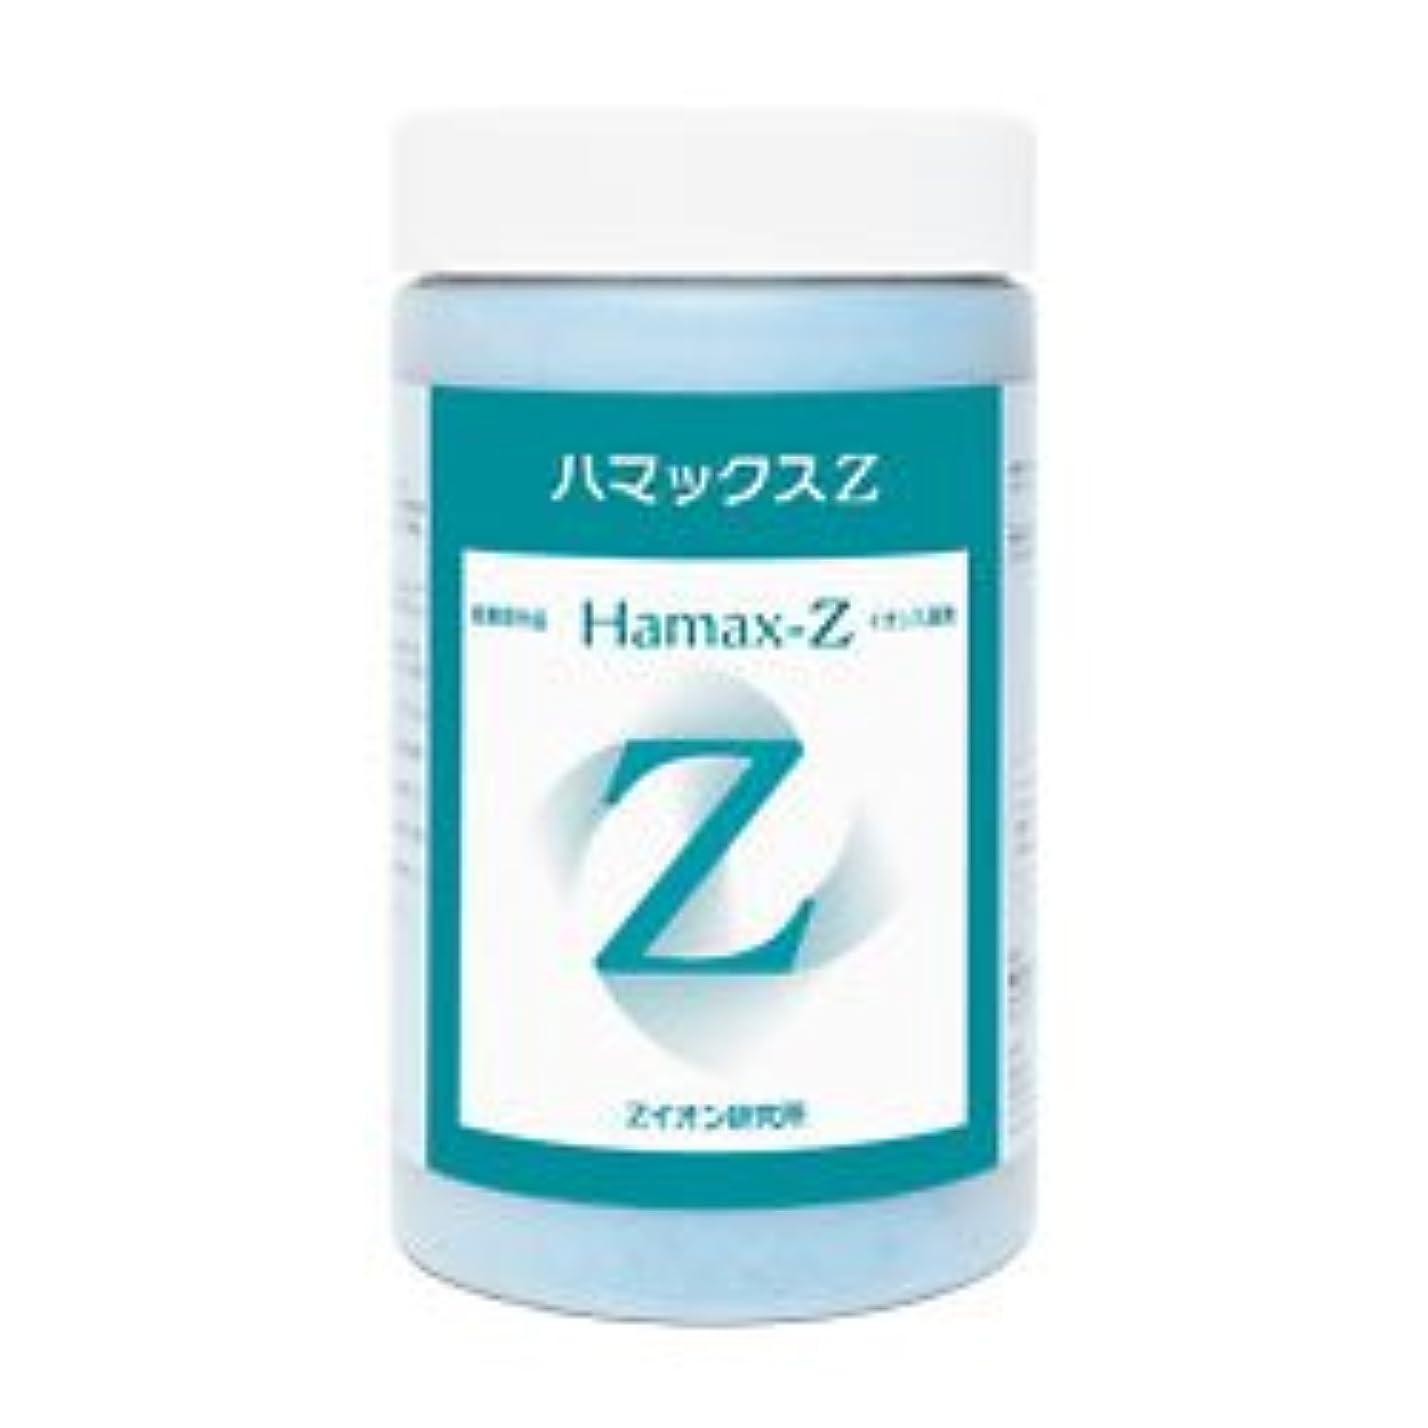 カメご注意オッズ医薬部外品 イオン入湯剤ハマックスZ 700g